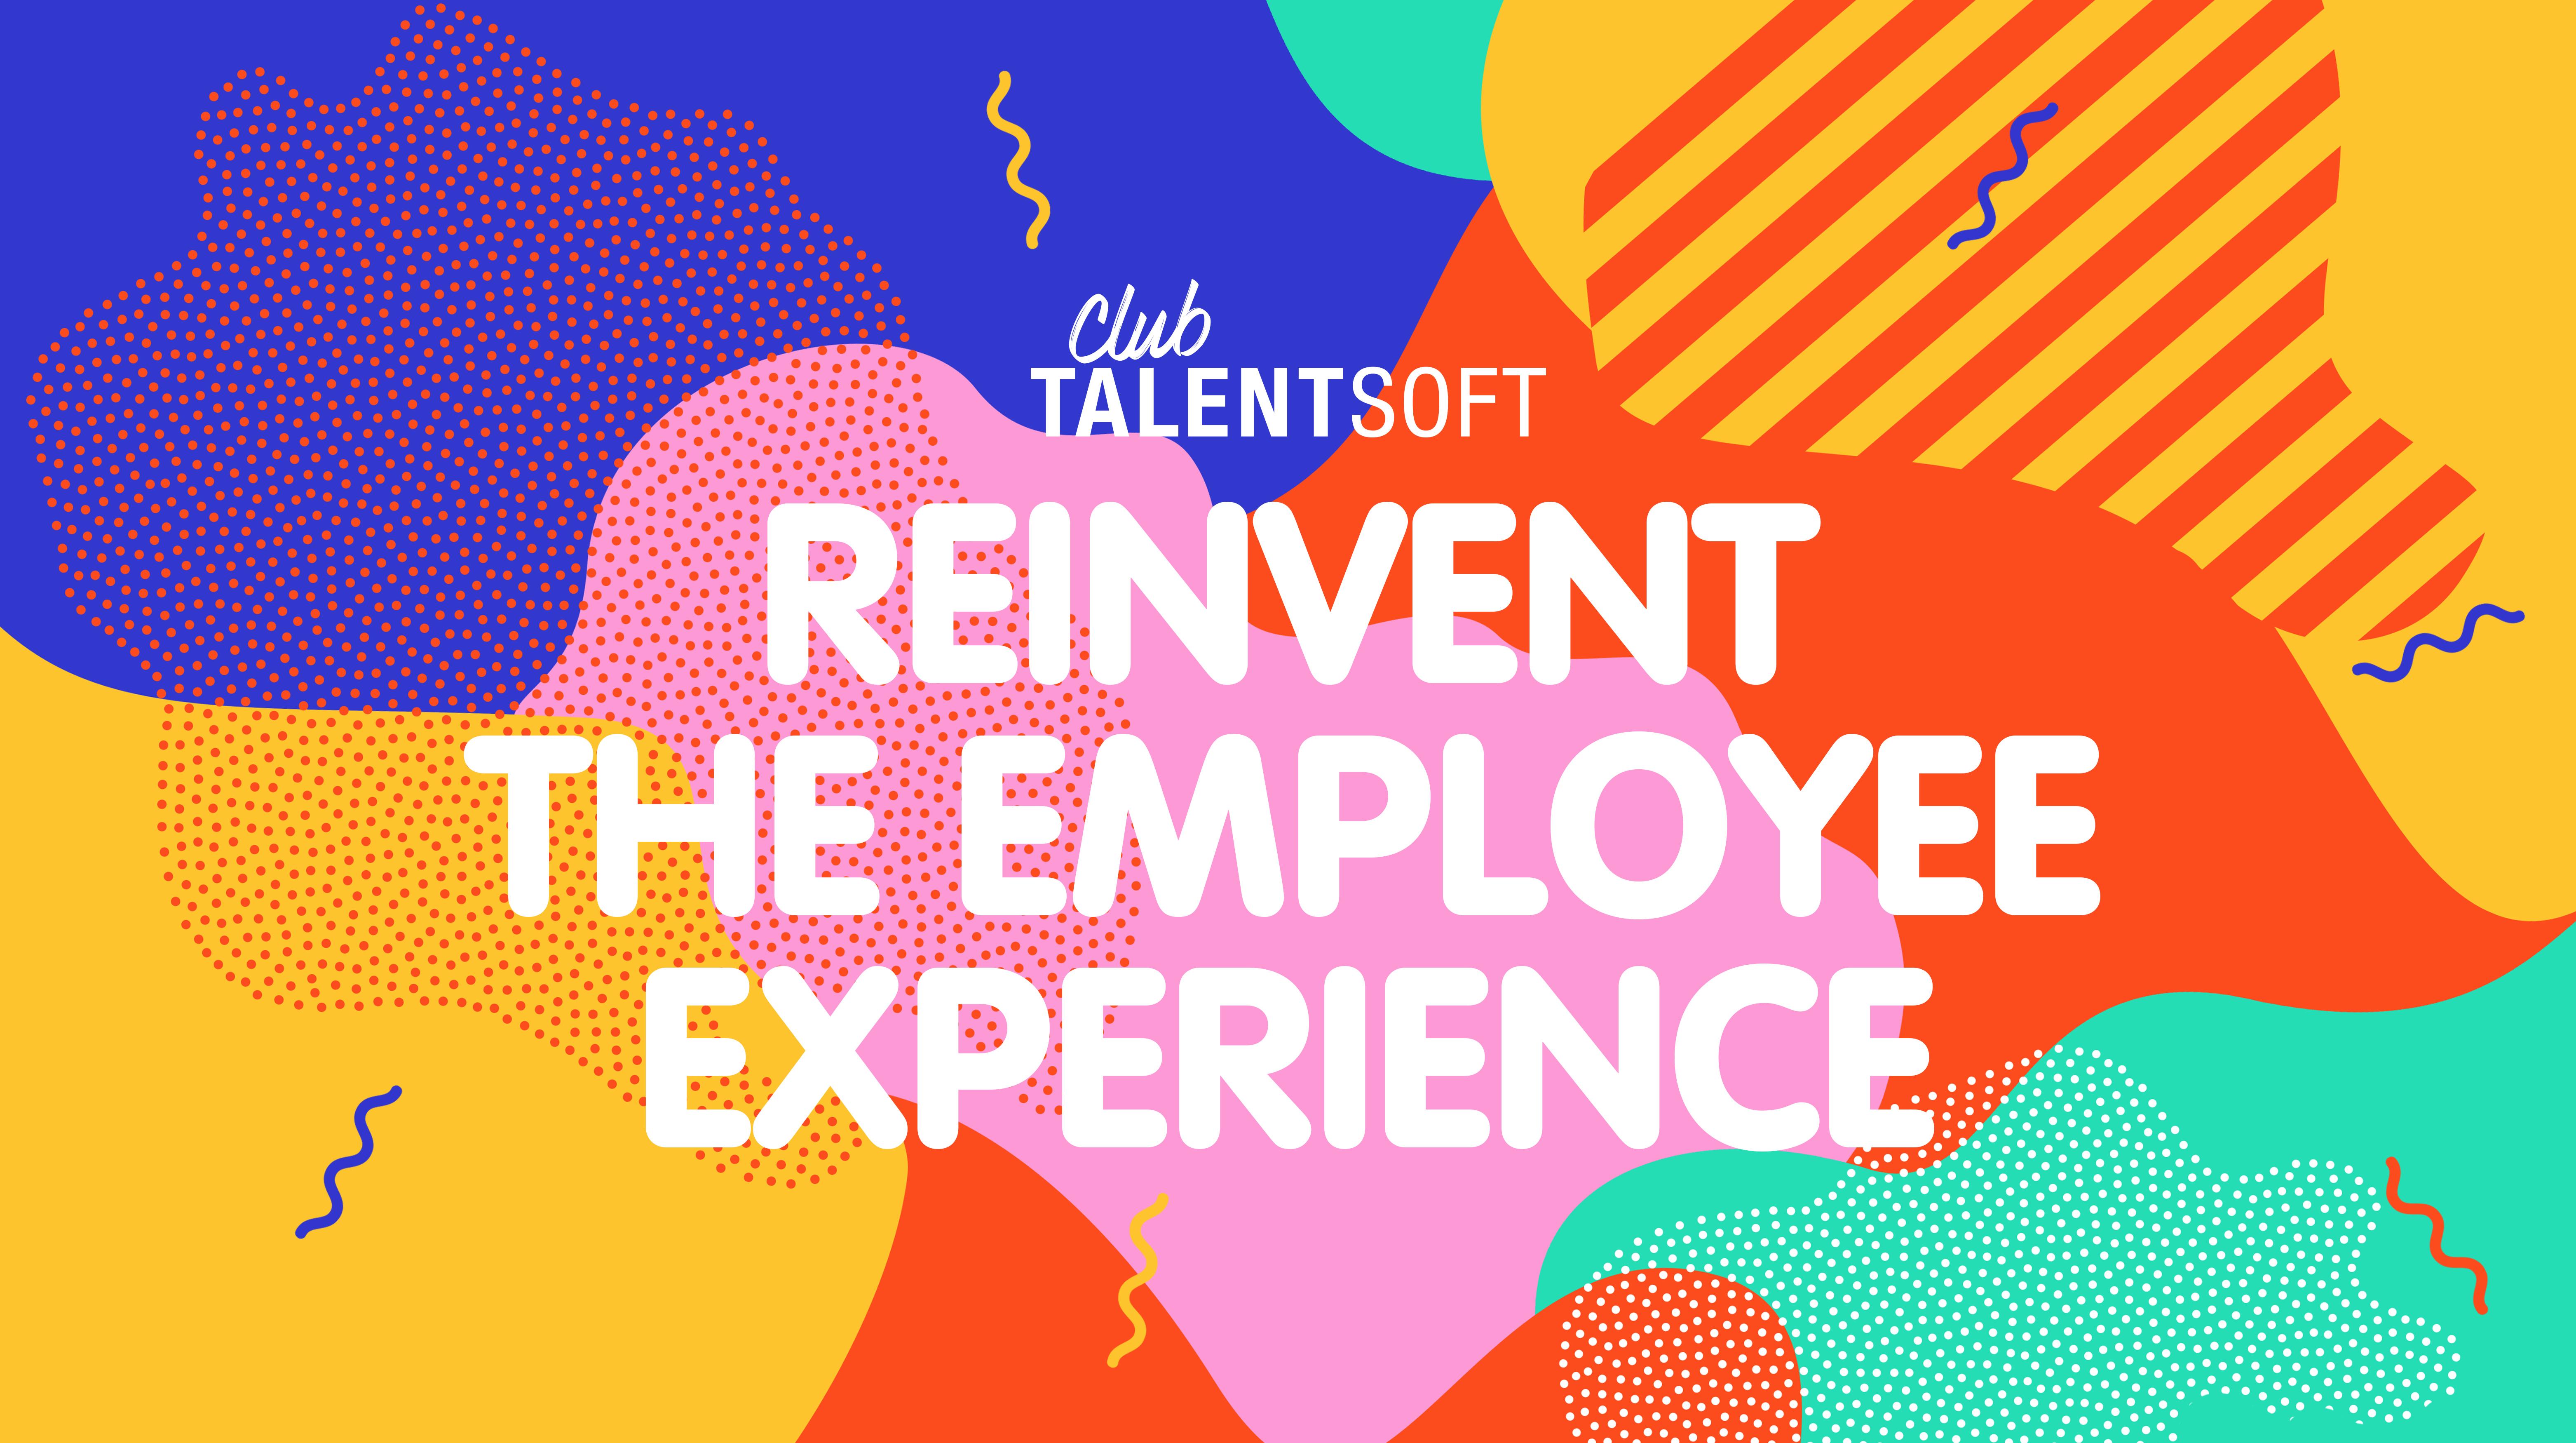 Talentsoft_18_REE_PRINCIPEGFX5_1